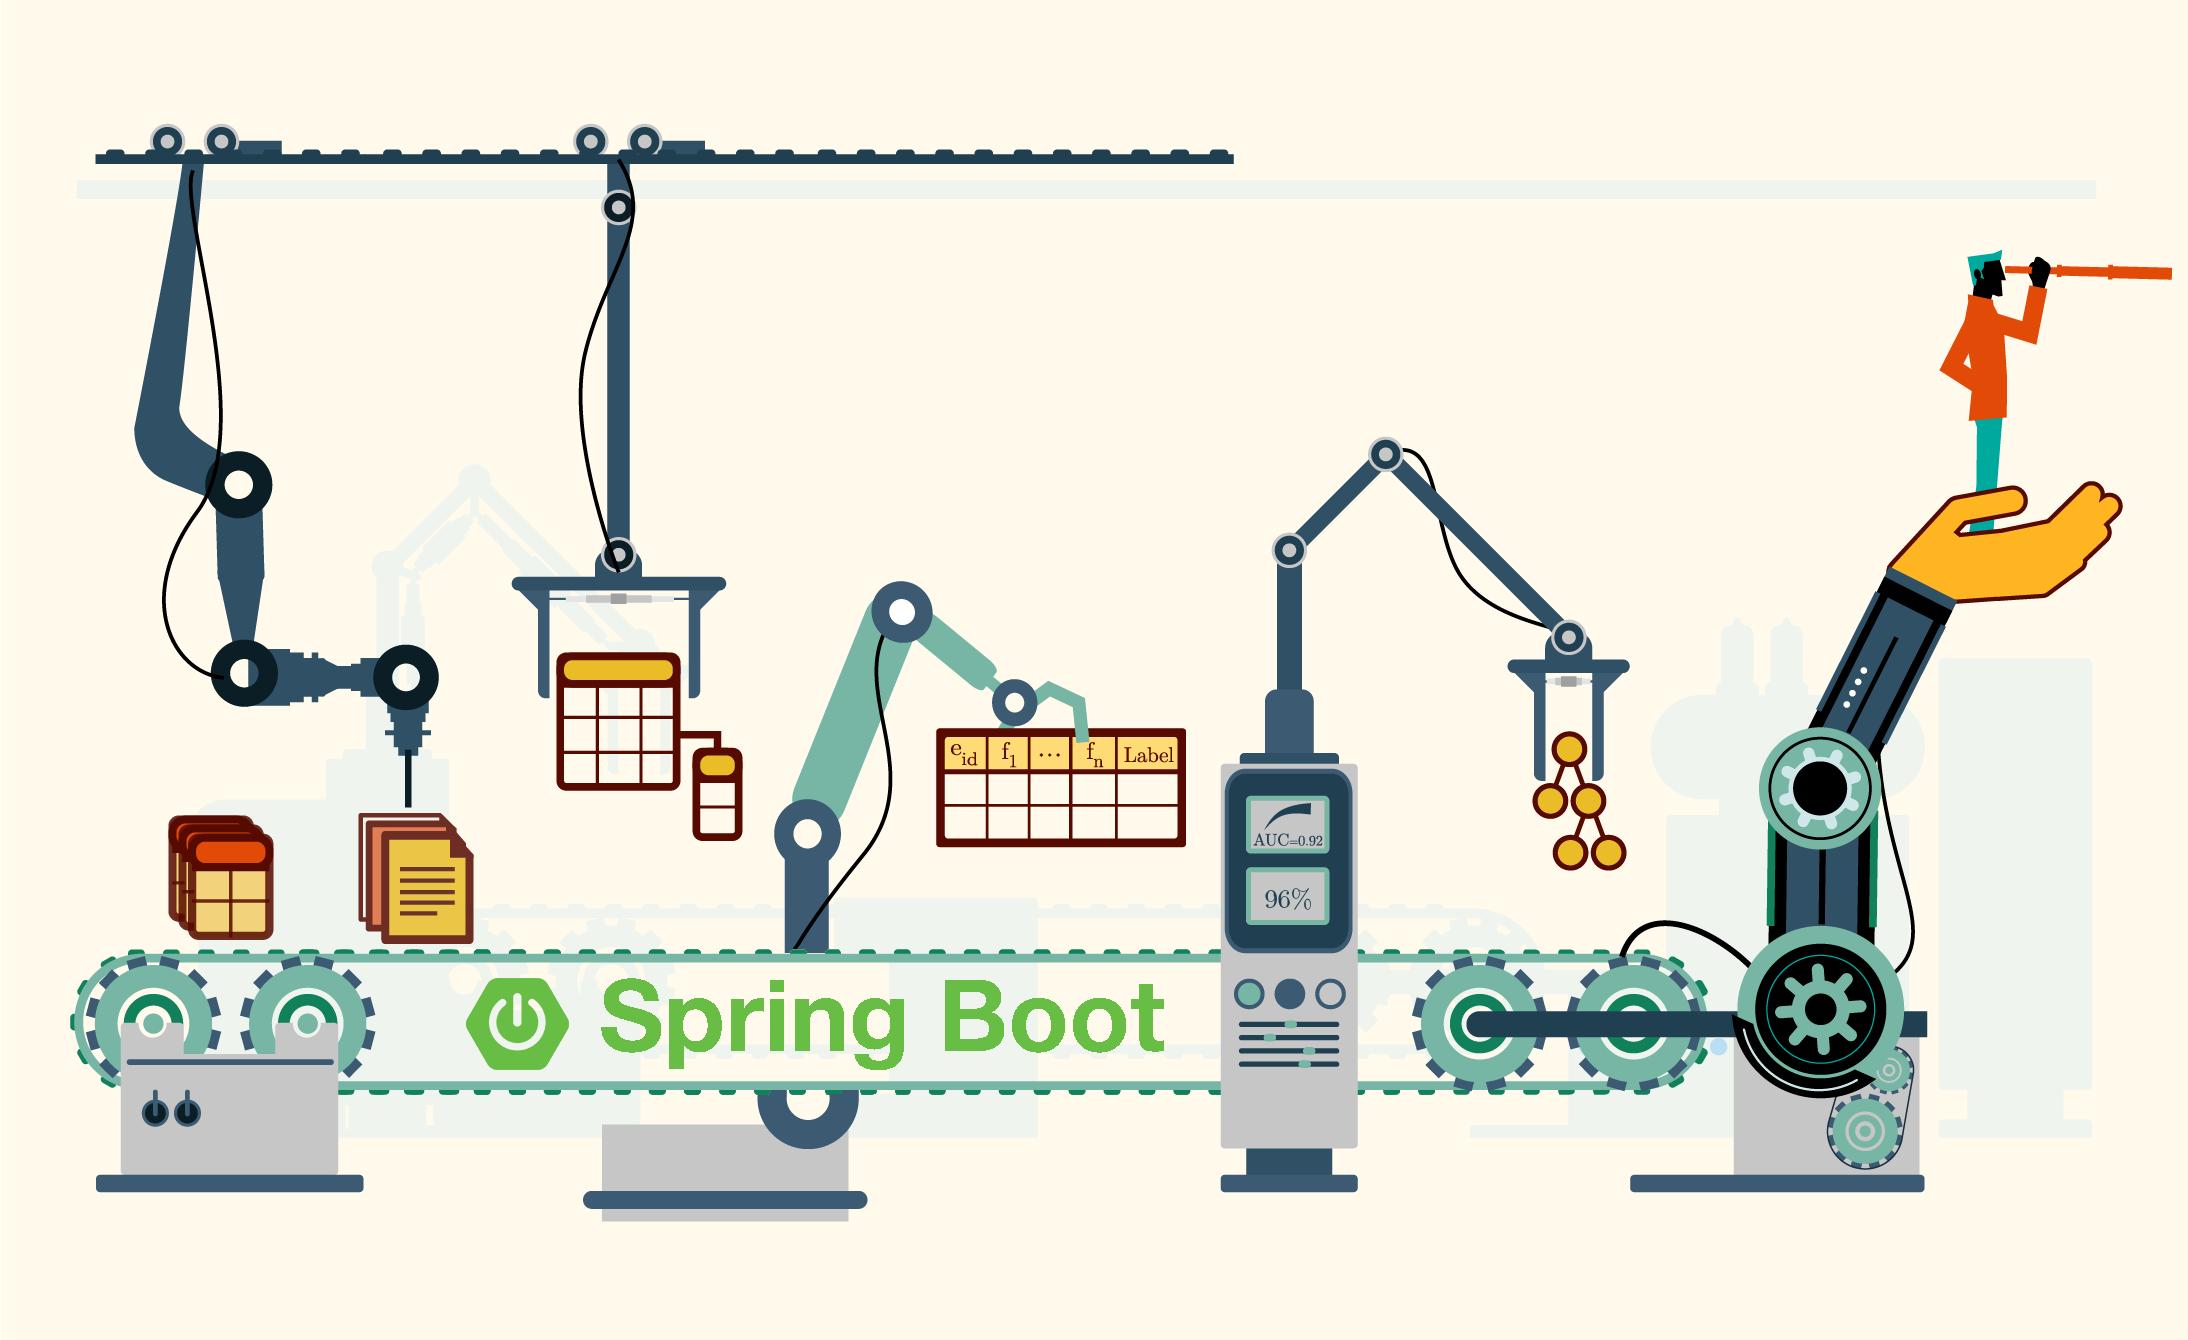 [Из песочницы] Введение в Spring Boot: создание простого REST API на Java